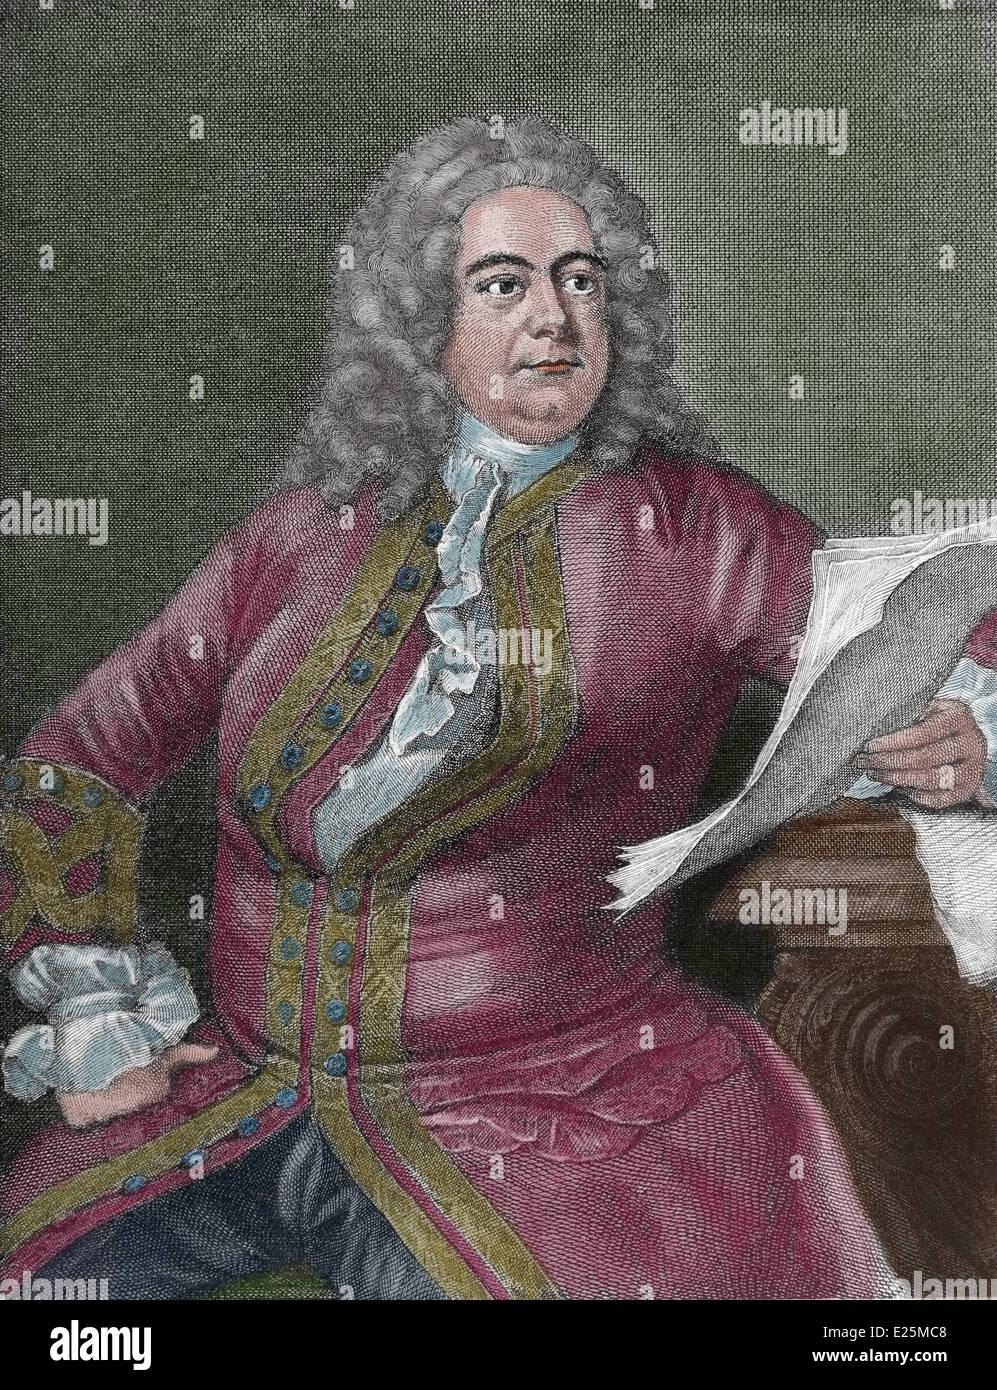 Georg Friedrich Händel (1685-1759). Deutsch-stämmige Barockkomponisten. Kupferstich von William Bromley Stockbild